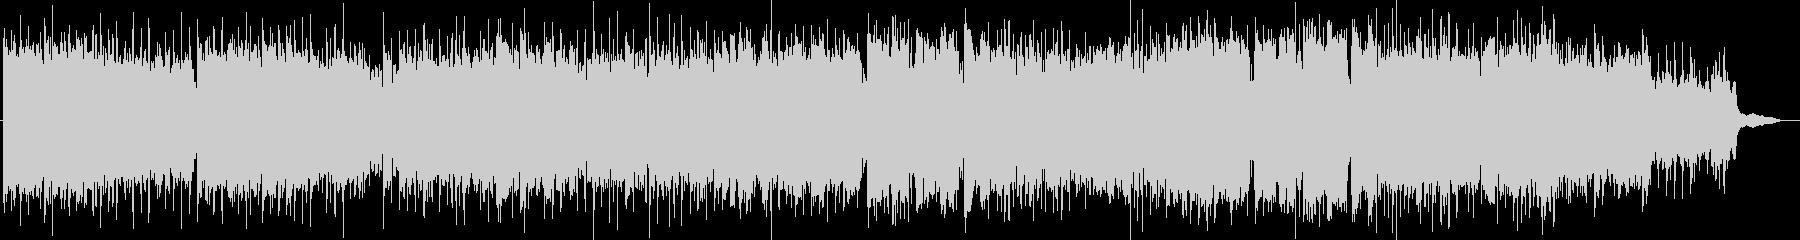 テンポ速めのケルト系民族調オリジナルですの未再生の波形